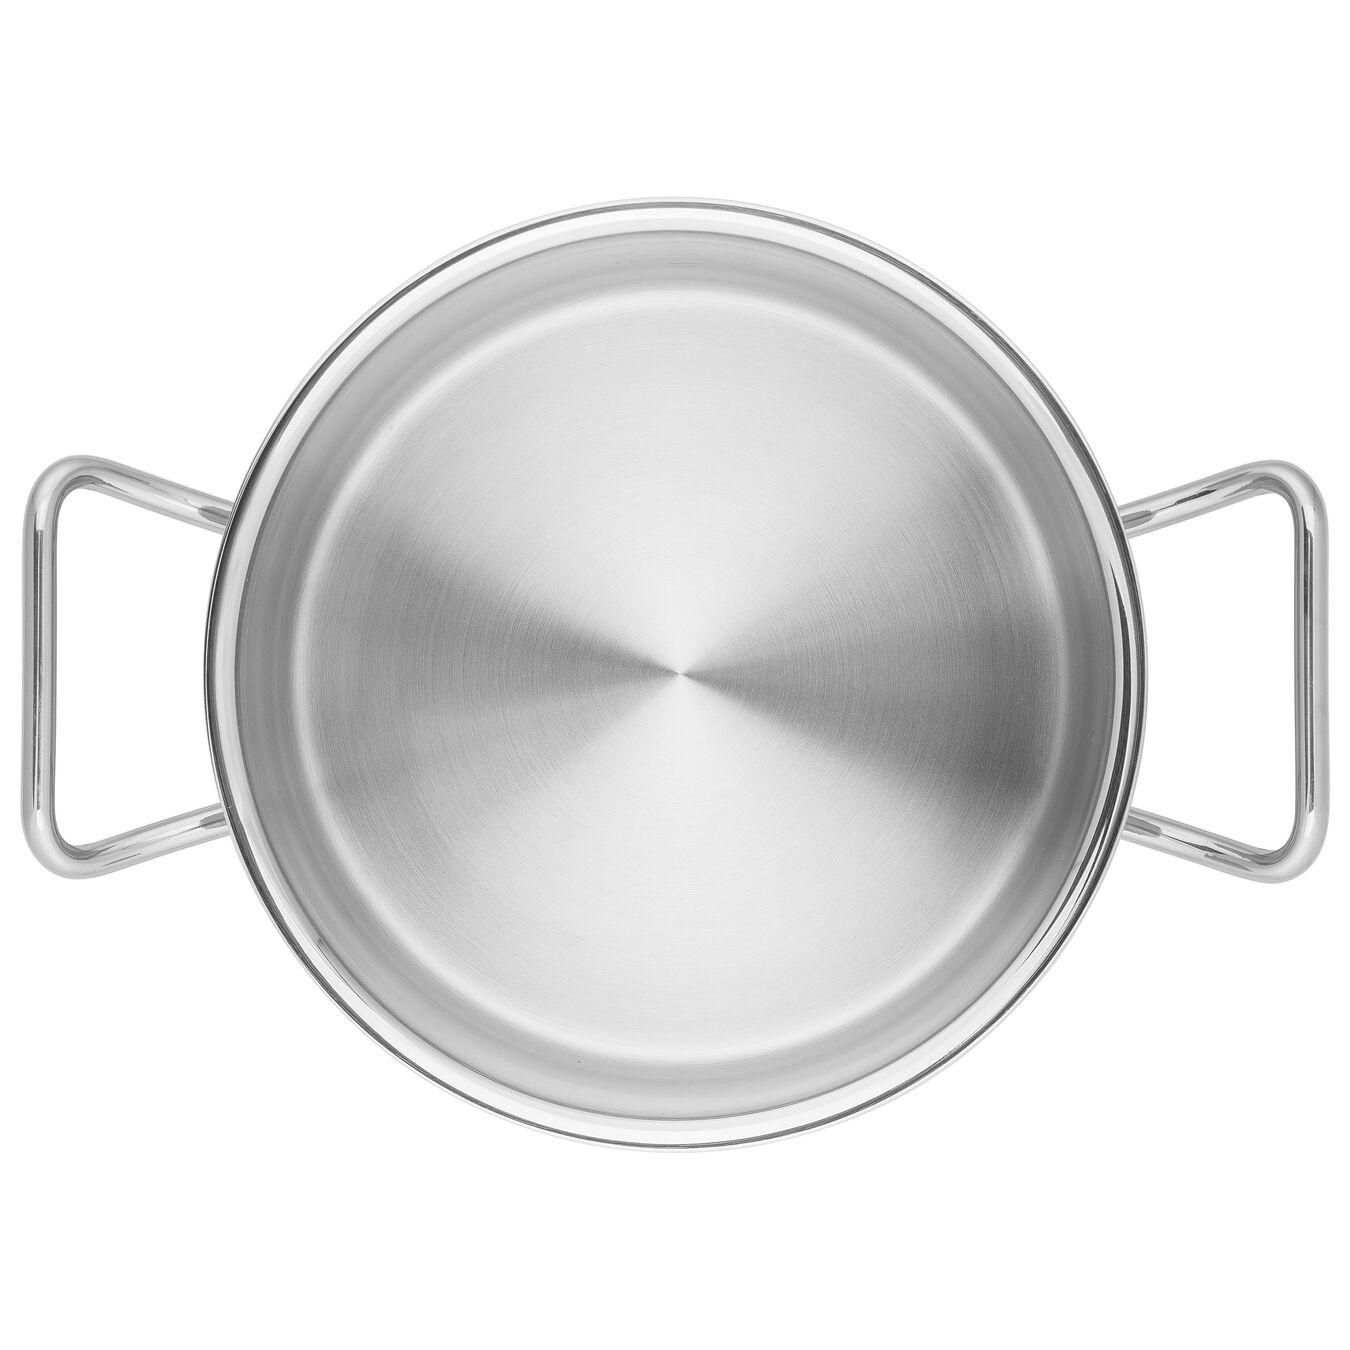 Sığ Tencere | 18/10 Paslanmaz Çelik | 20 cm | Metalik Gri,,large 6